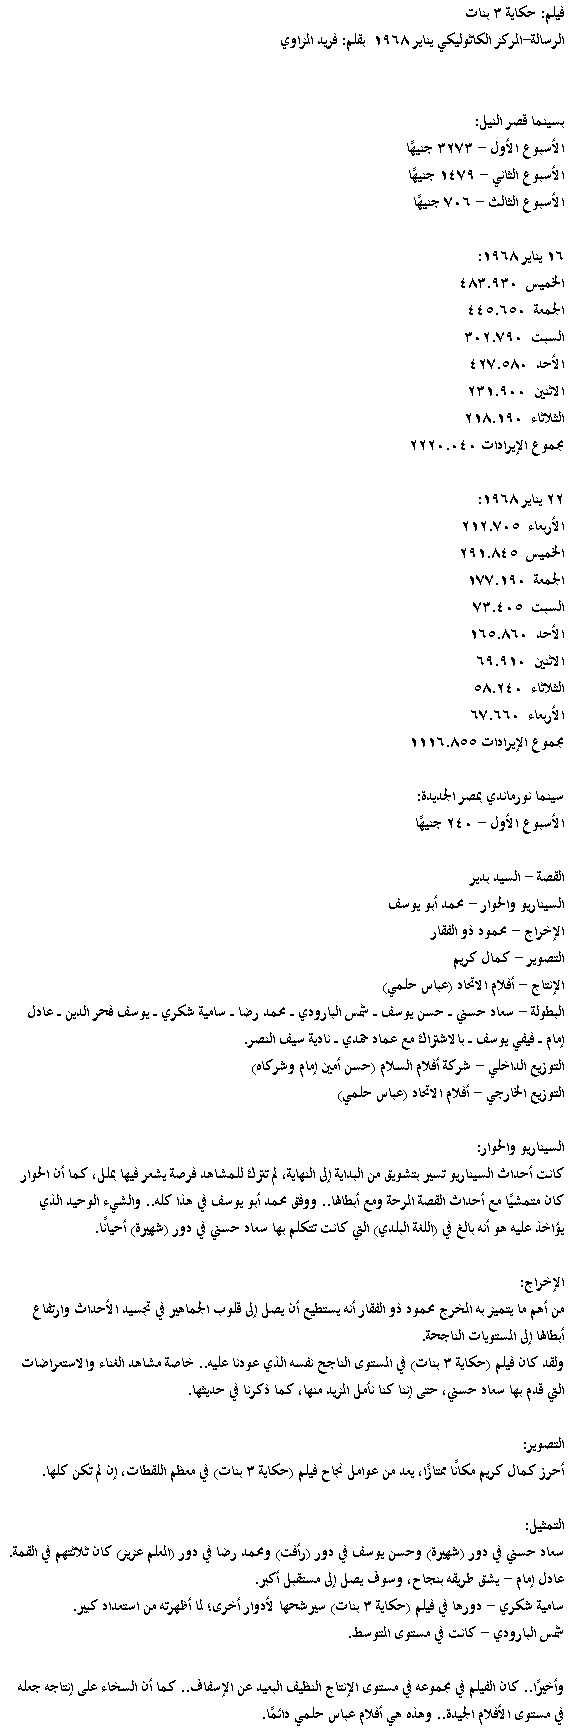 نقد صحفي : عن فيلم حكاية 3 بنات 1968 م A_aoaa28